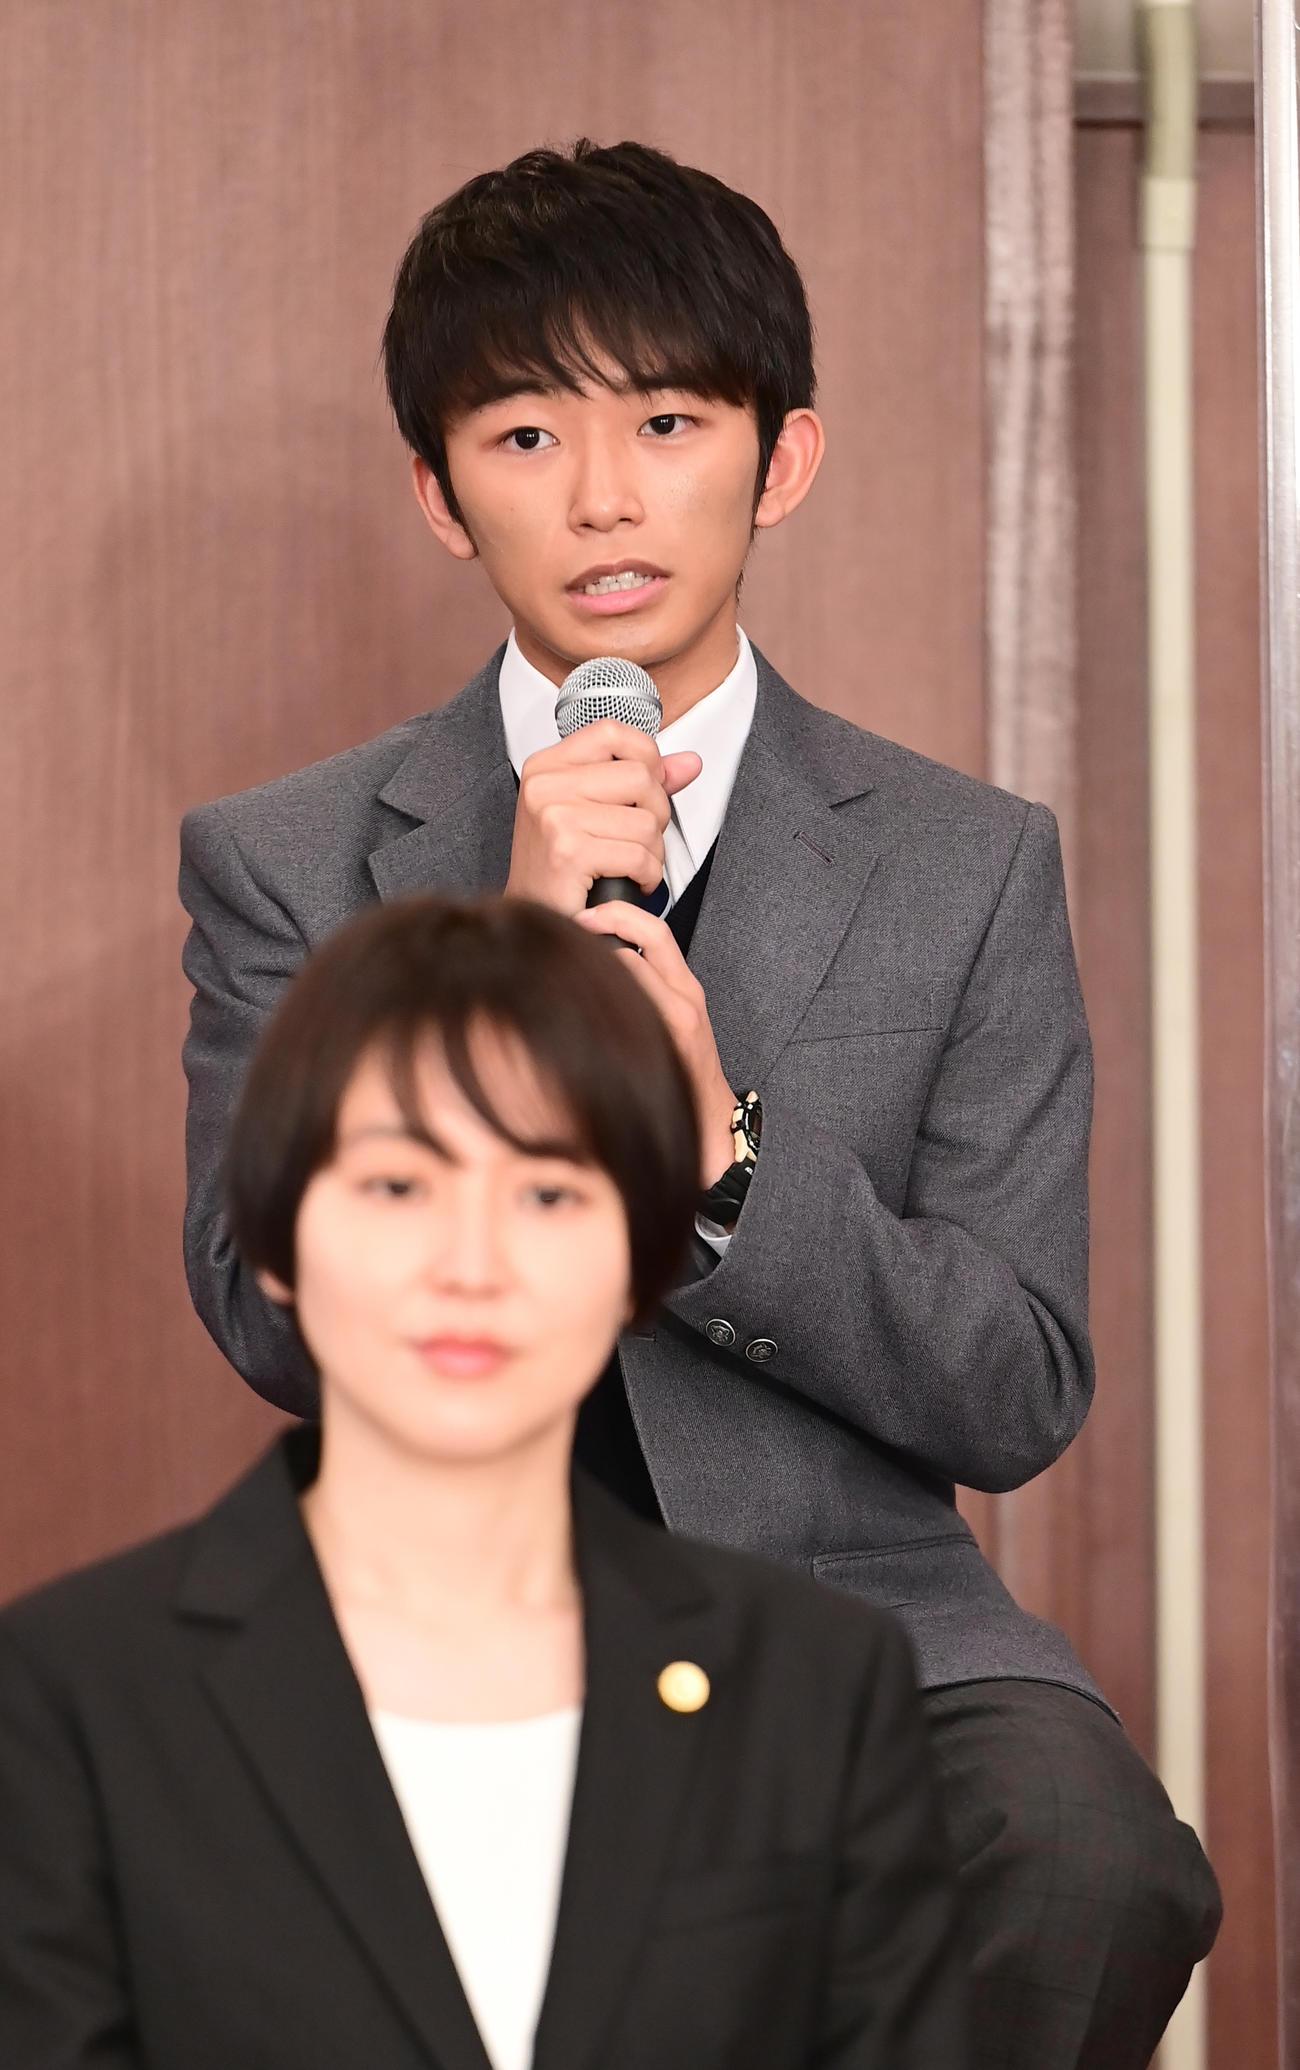 TBS系日曜劇場「ドラゴン桜」制作発表に臨む加藤清史郎。手前は長澤まさみ(撮影・小沢裕)